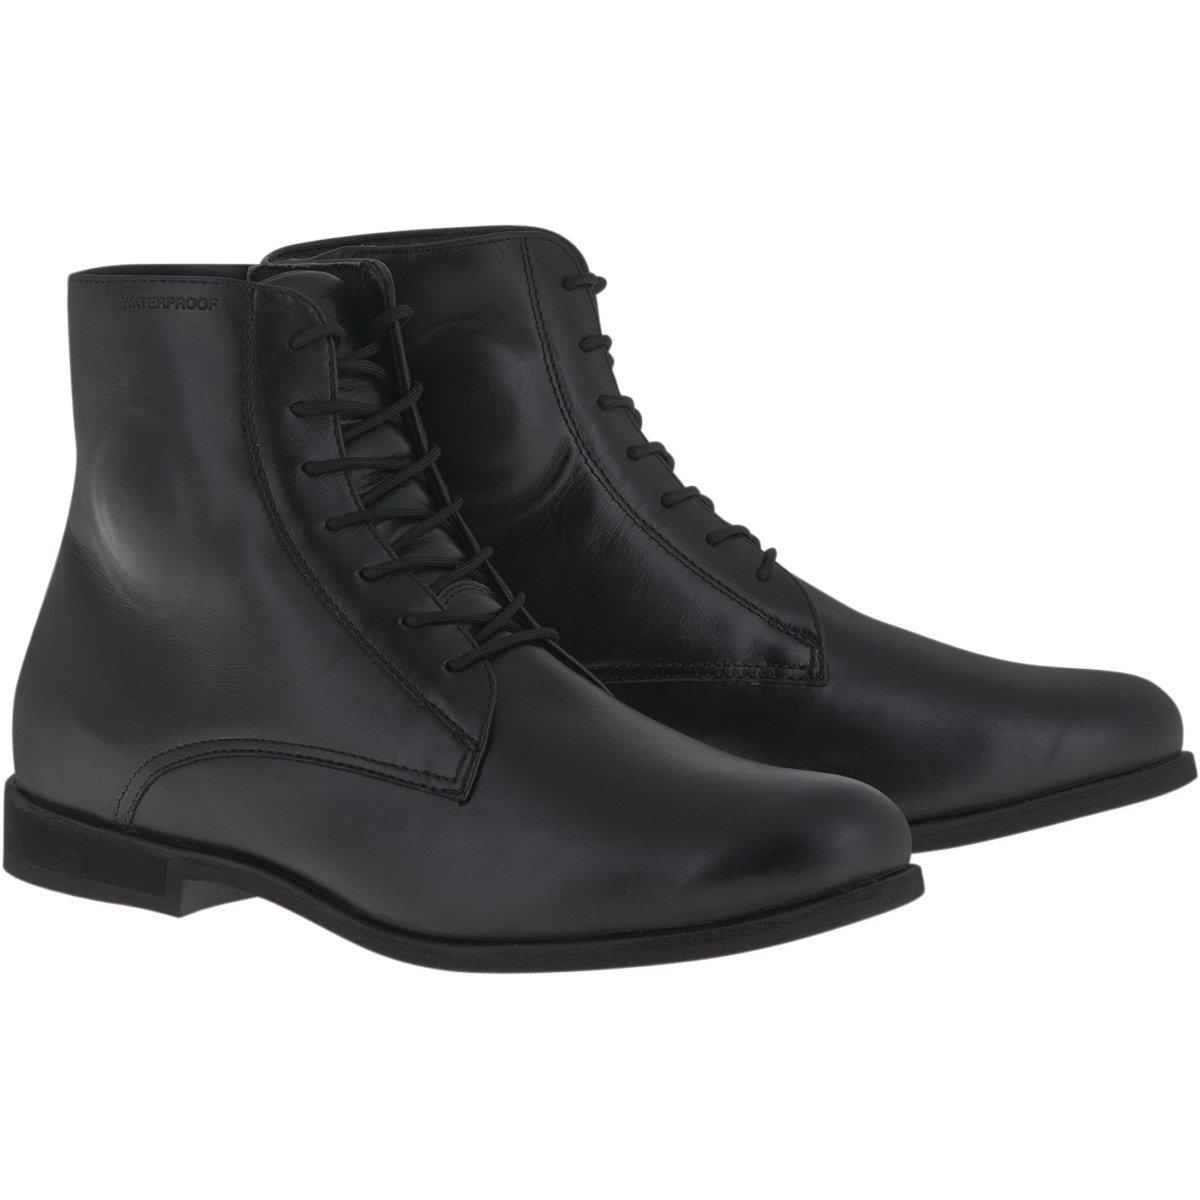 Alpinestars Parlor Men's Waterproof Street Motorcycle Shoes - Black / 12